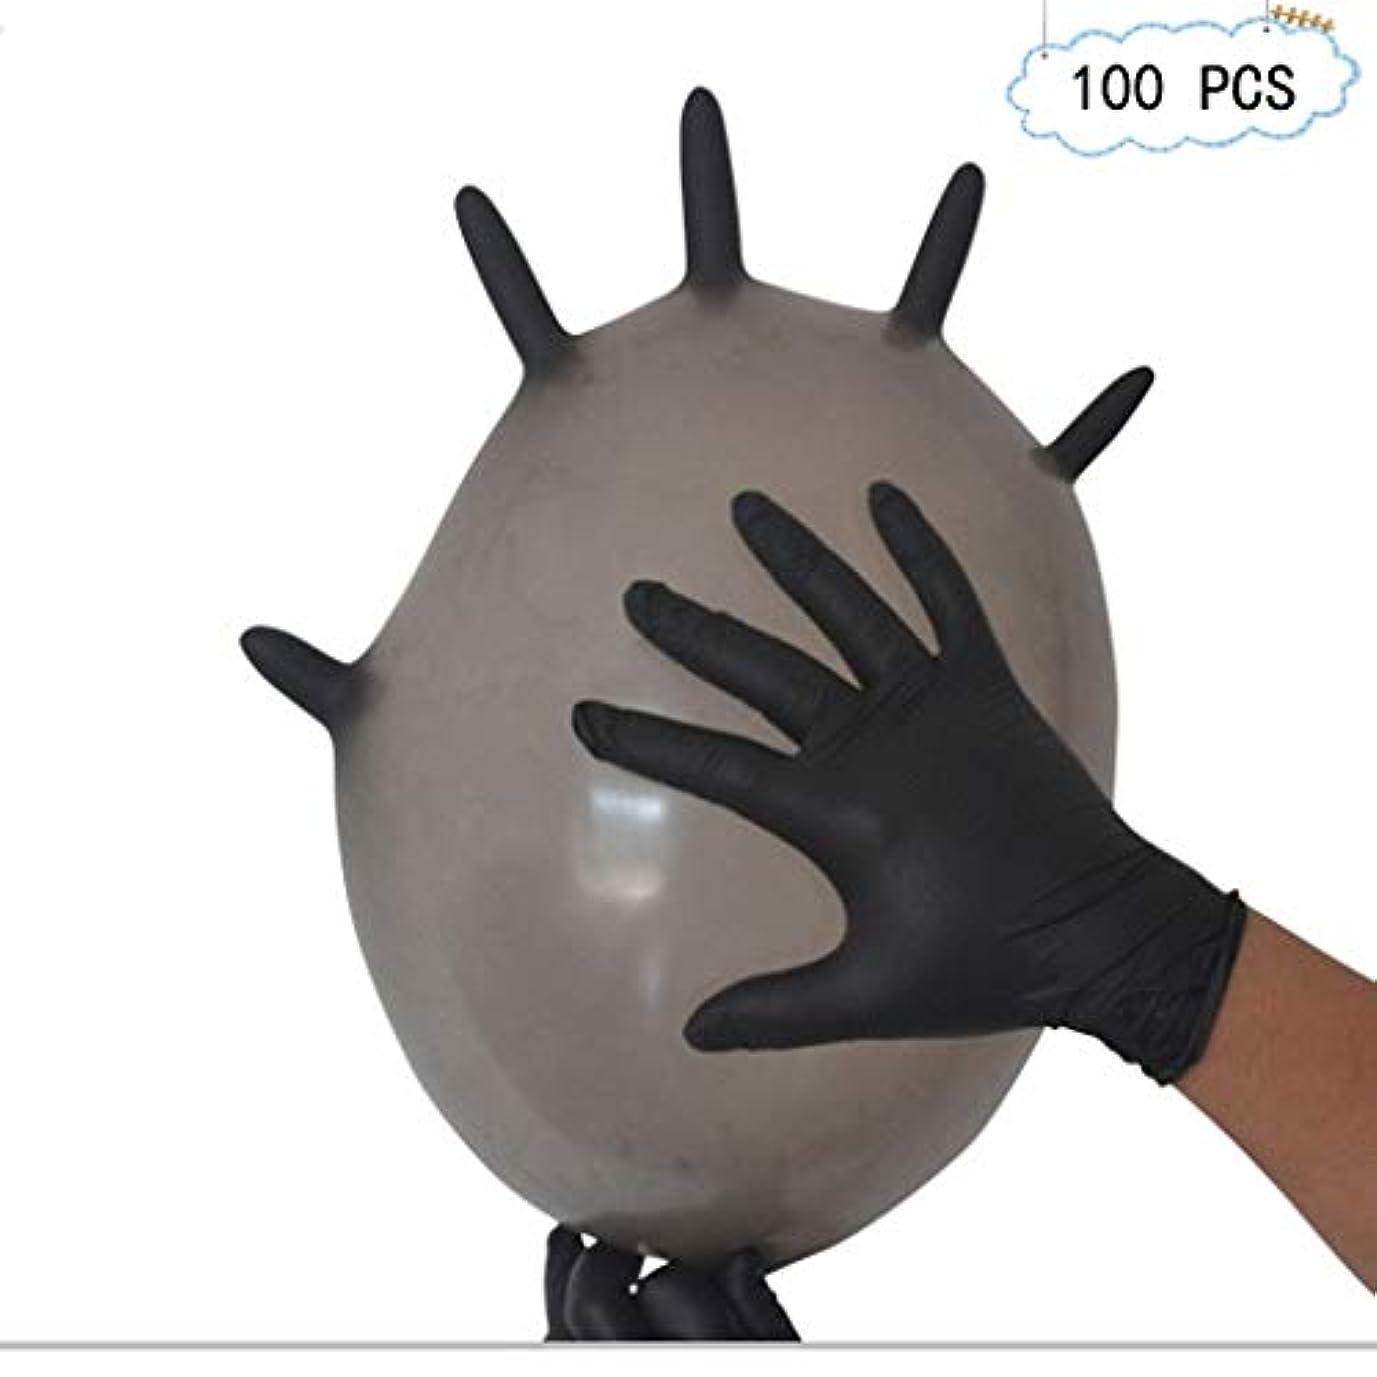 オーストラリア人何故なのフェードアウトニトリル手袋使い捨てニトリル手袋耐油性試験黒色タトゥー産業労働保険ゴム製食器洗いデューティー試験手袋|病院向けのプロフェッショナルグレード (Size : L)